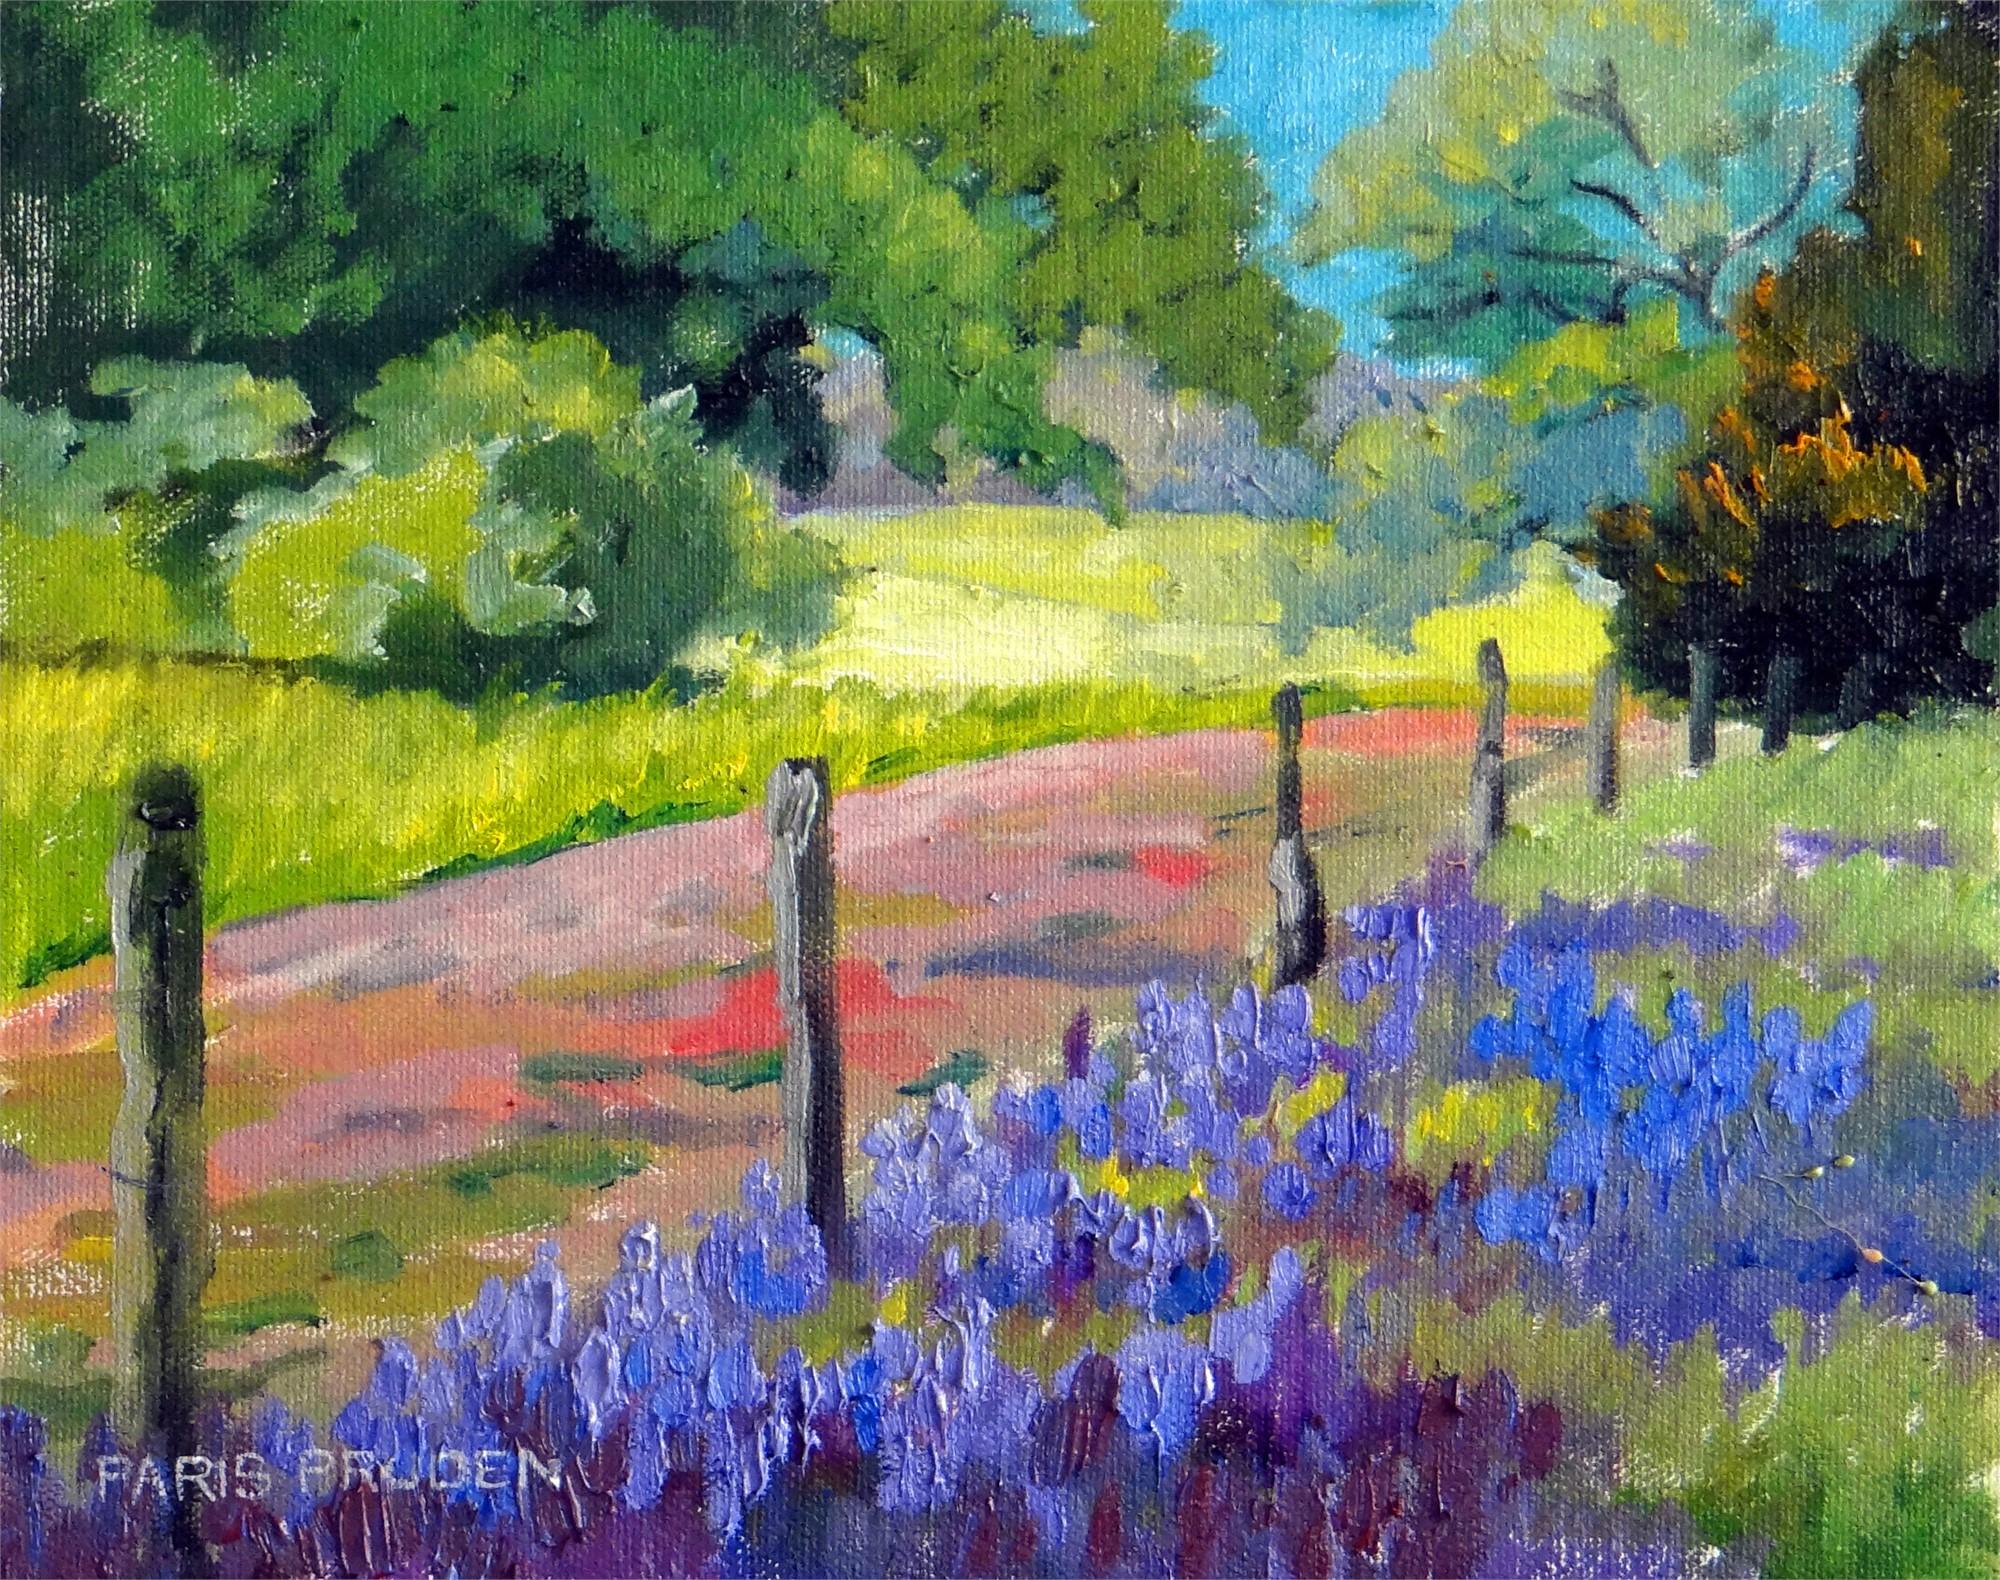 Field Across the Fence by Nancy Paris Pruden